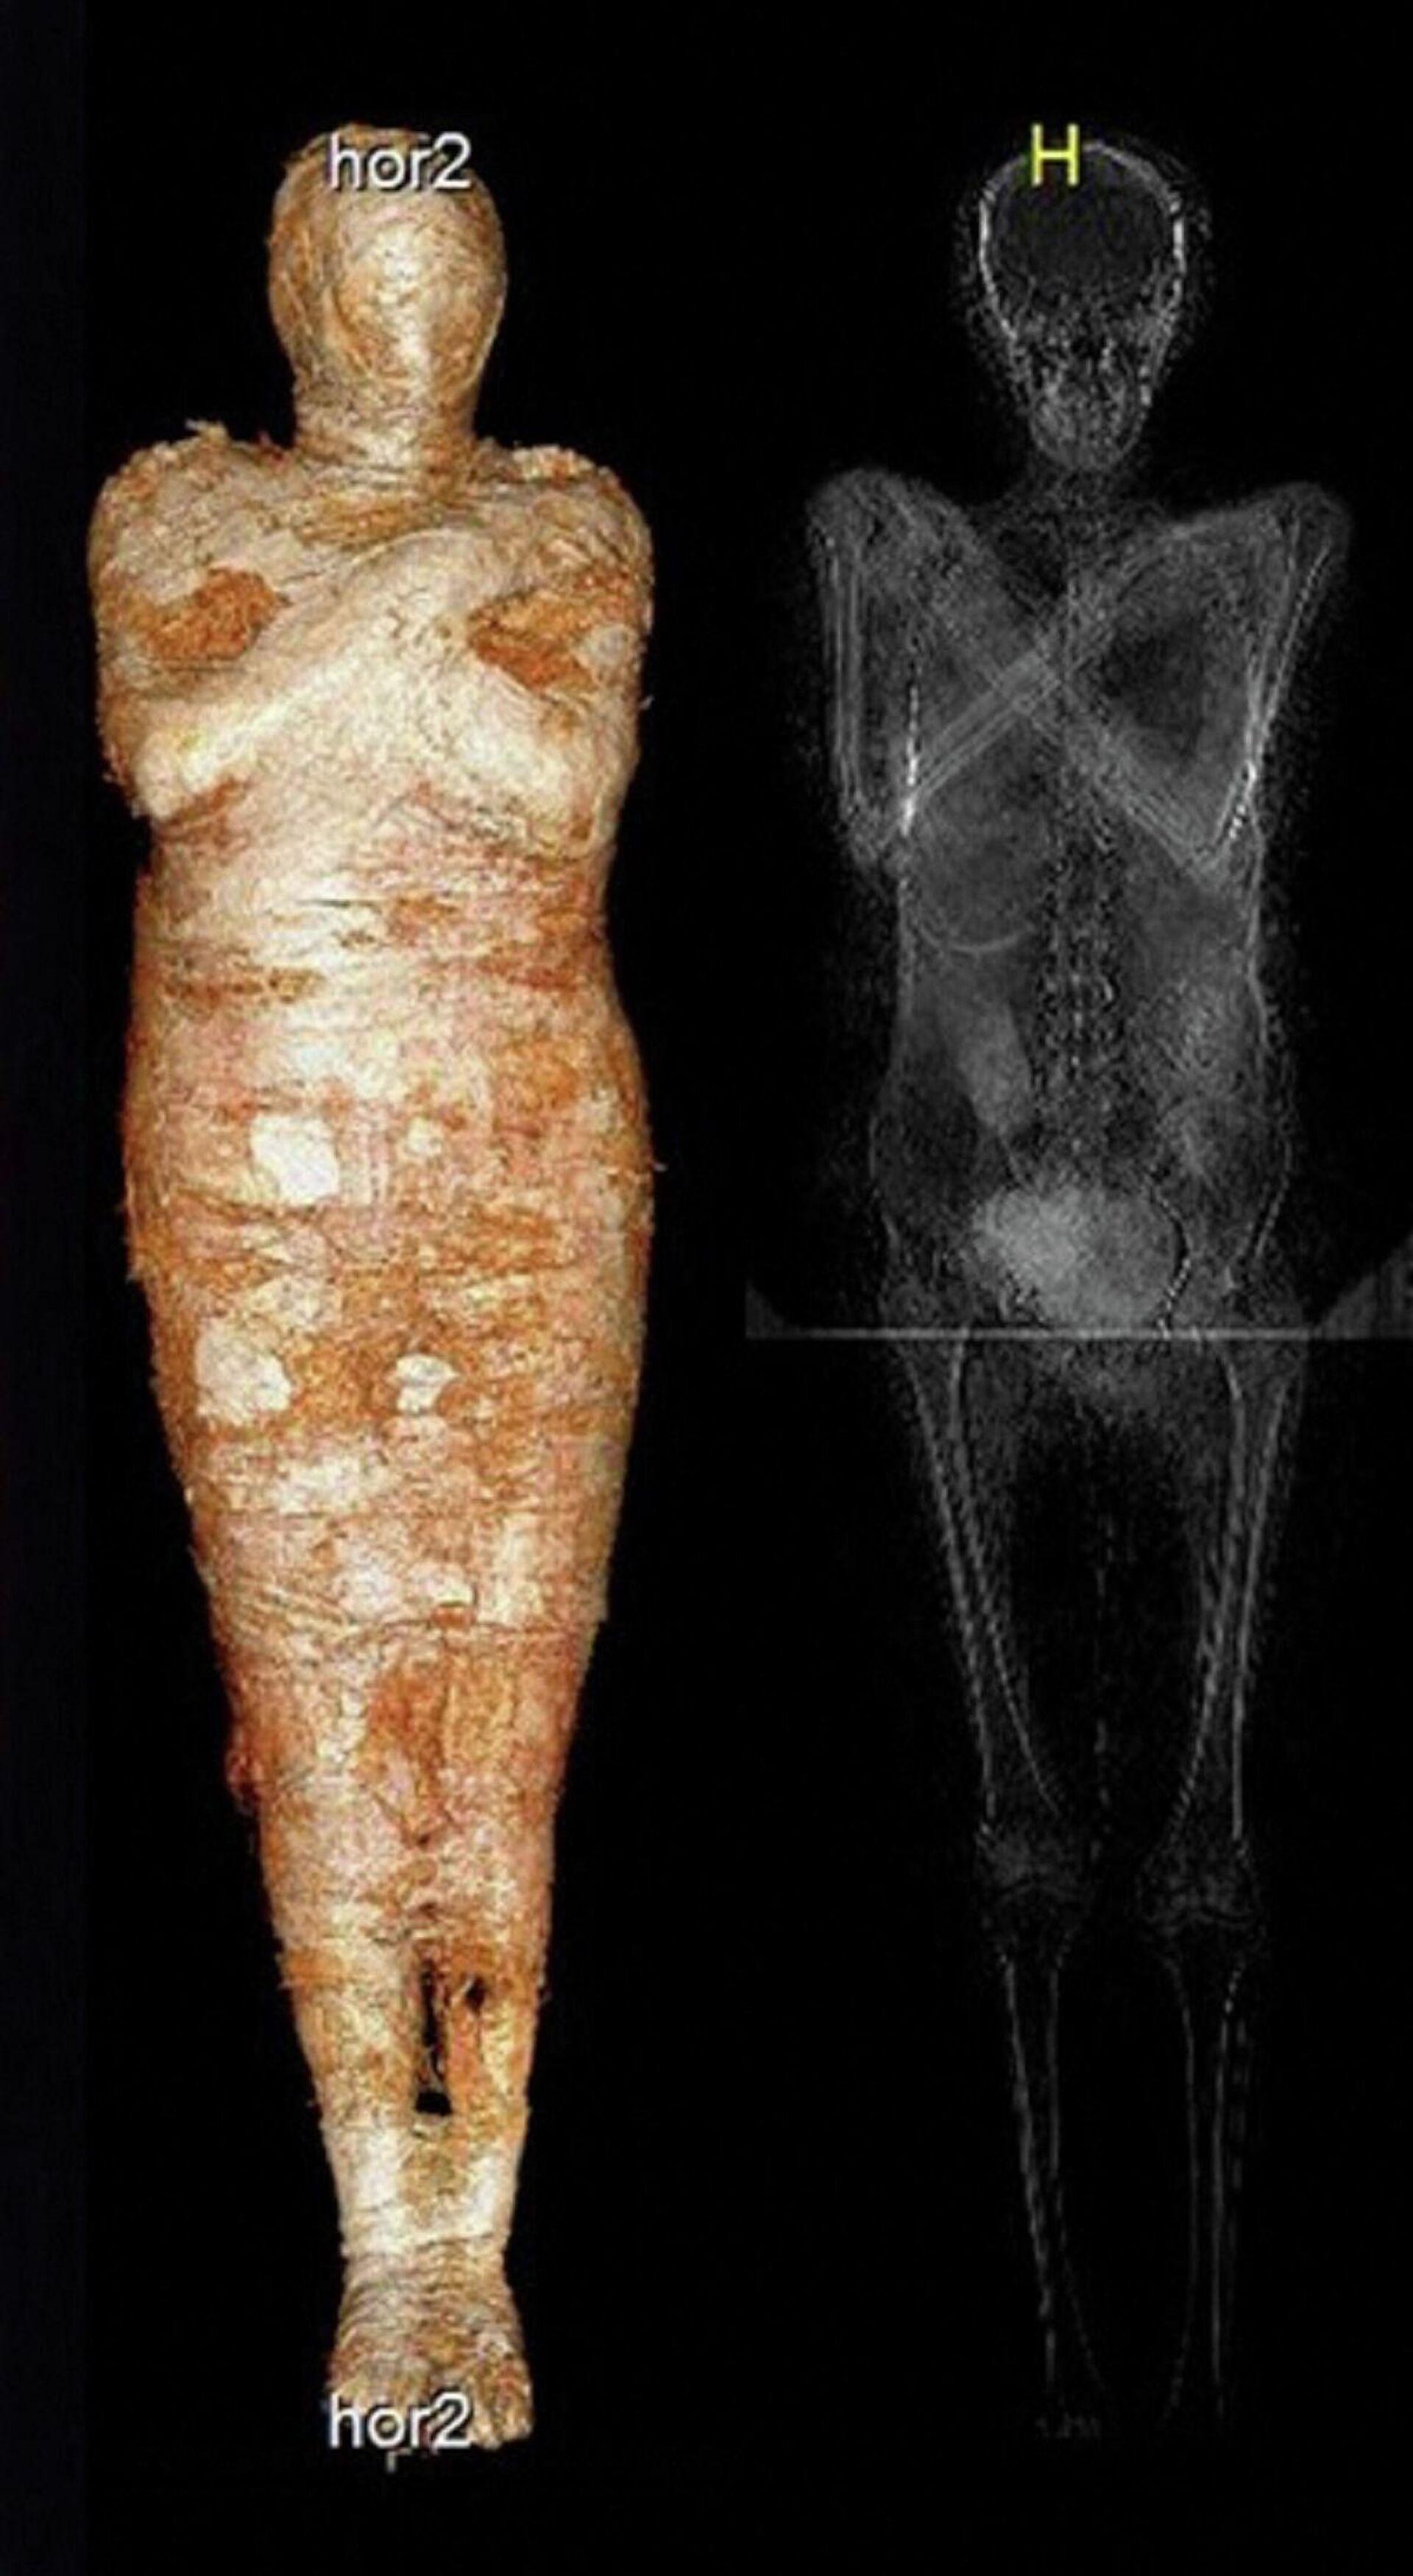 Las imágenes de rayos X de la primera momia egipcia de una mujer embarazada que se conoce hasta ahora - Sputnik Mundo, 1920, 30.04.2021